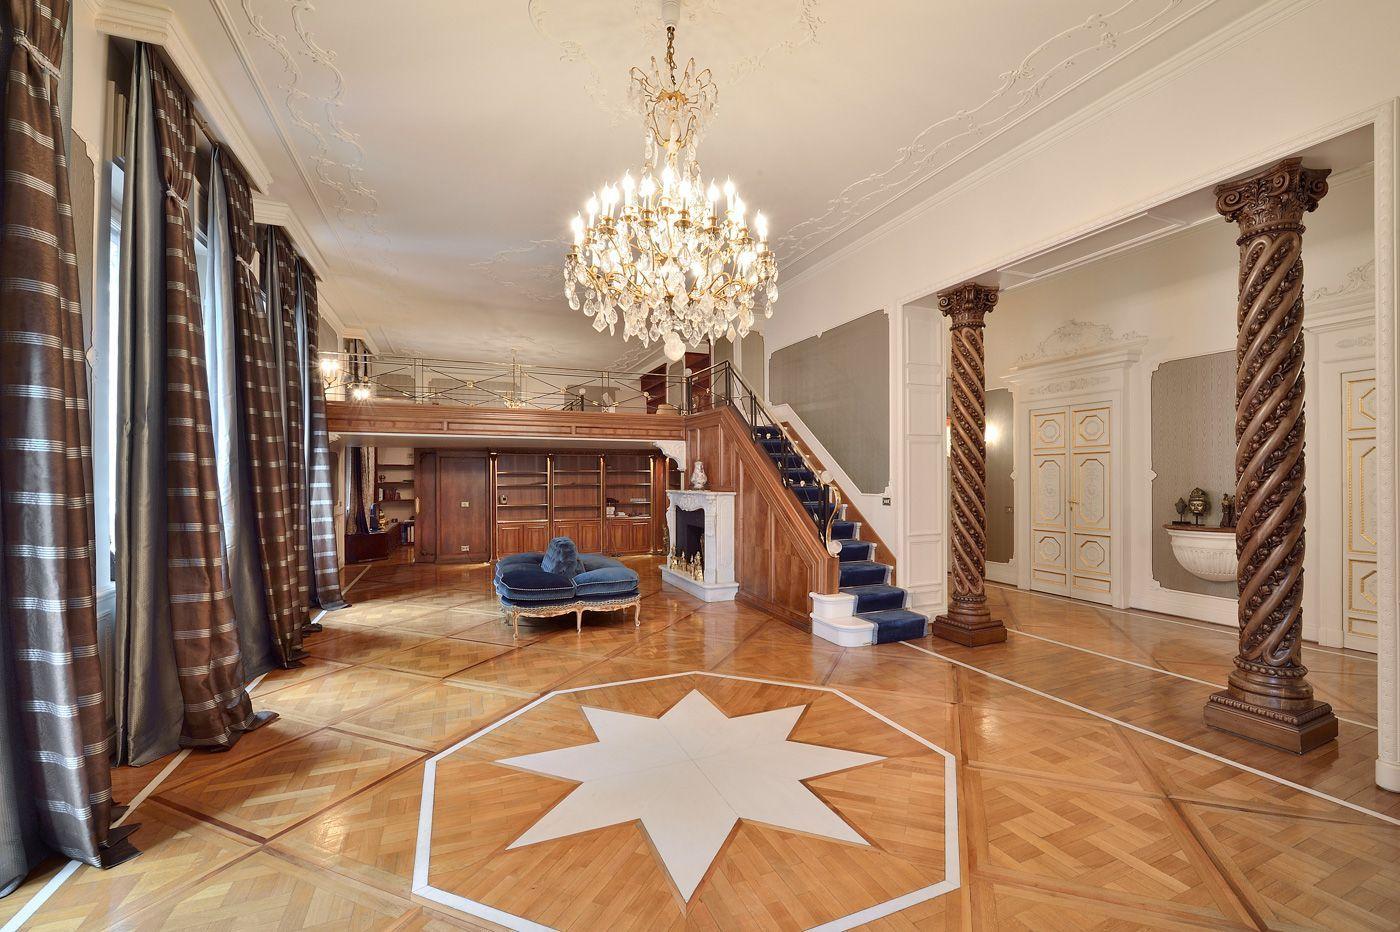 Milano le super case a prezzi milionari for Interni case lussuose